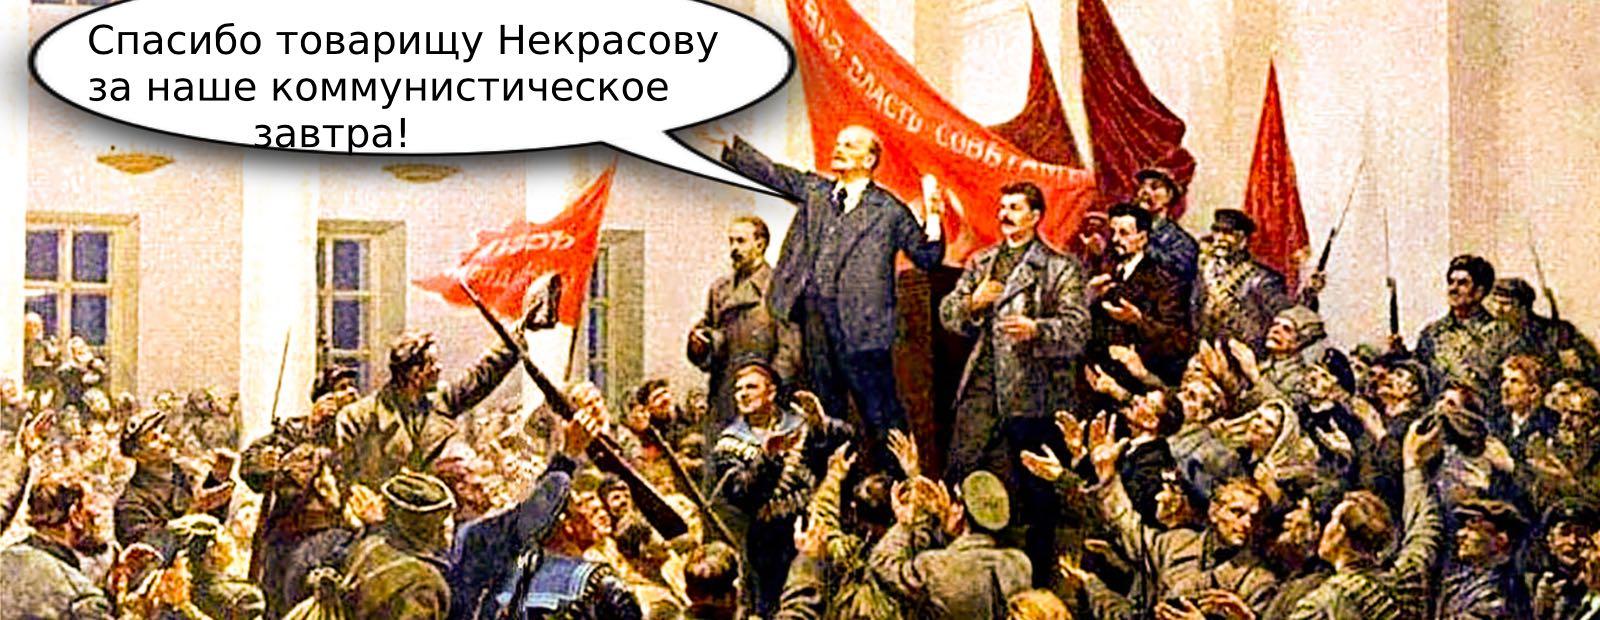 Ленин мем